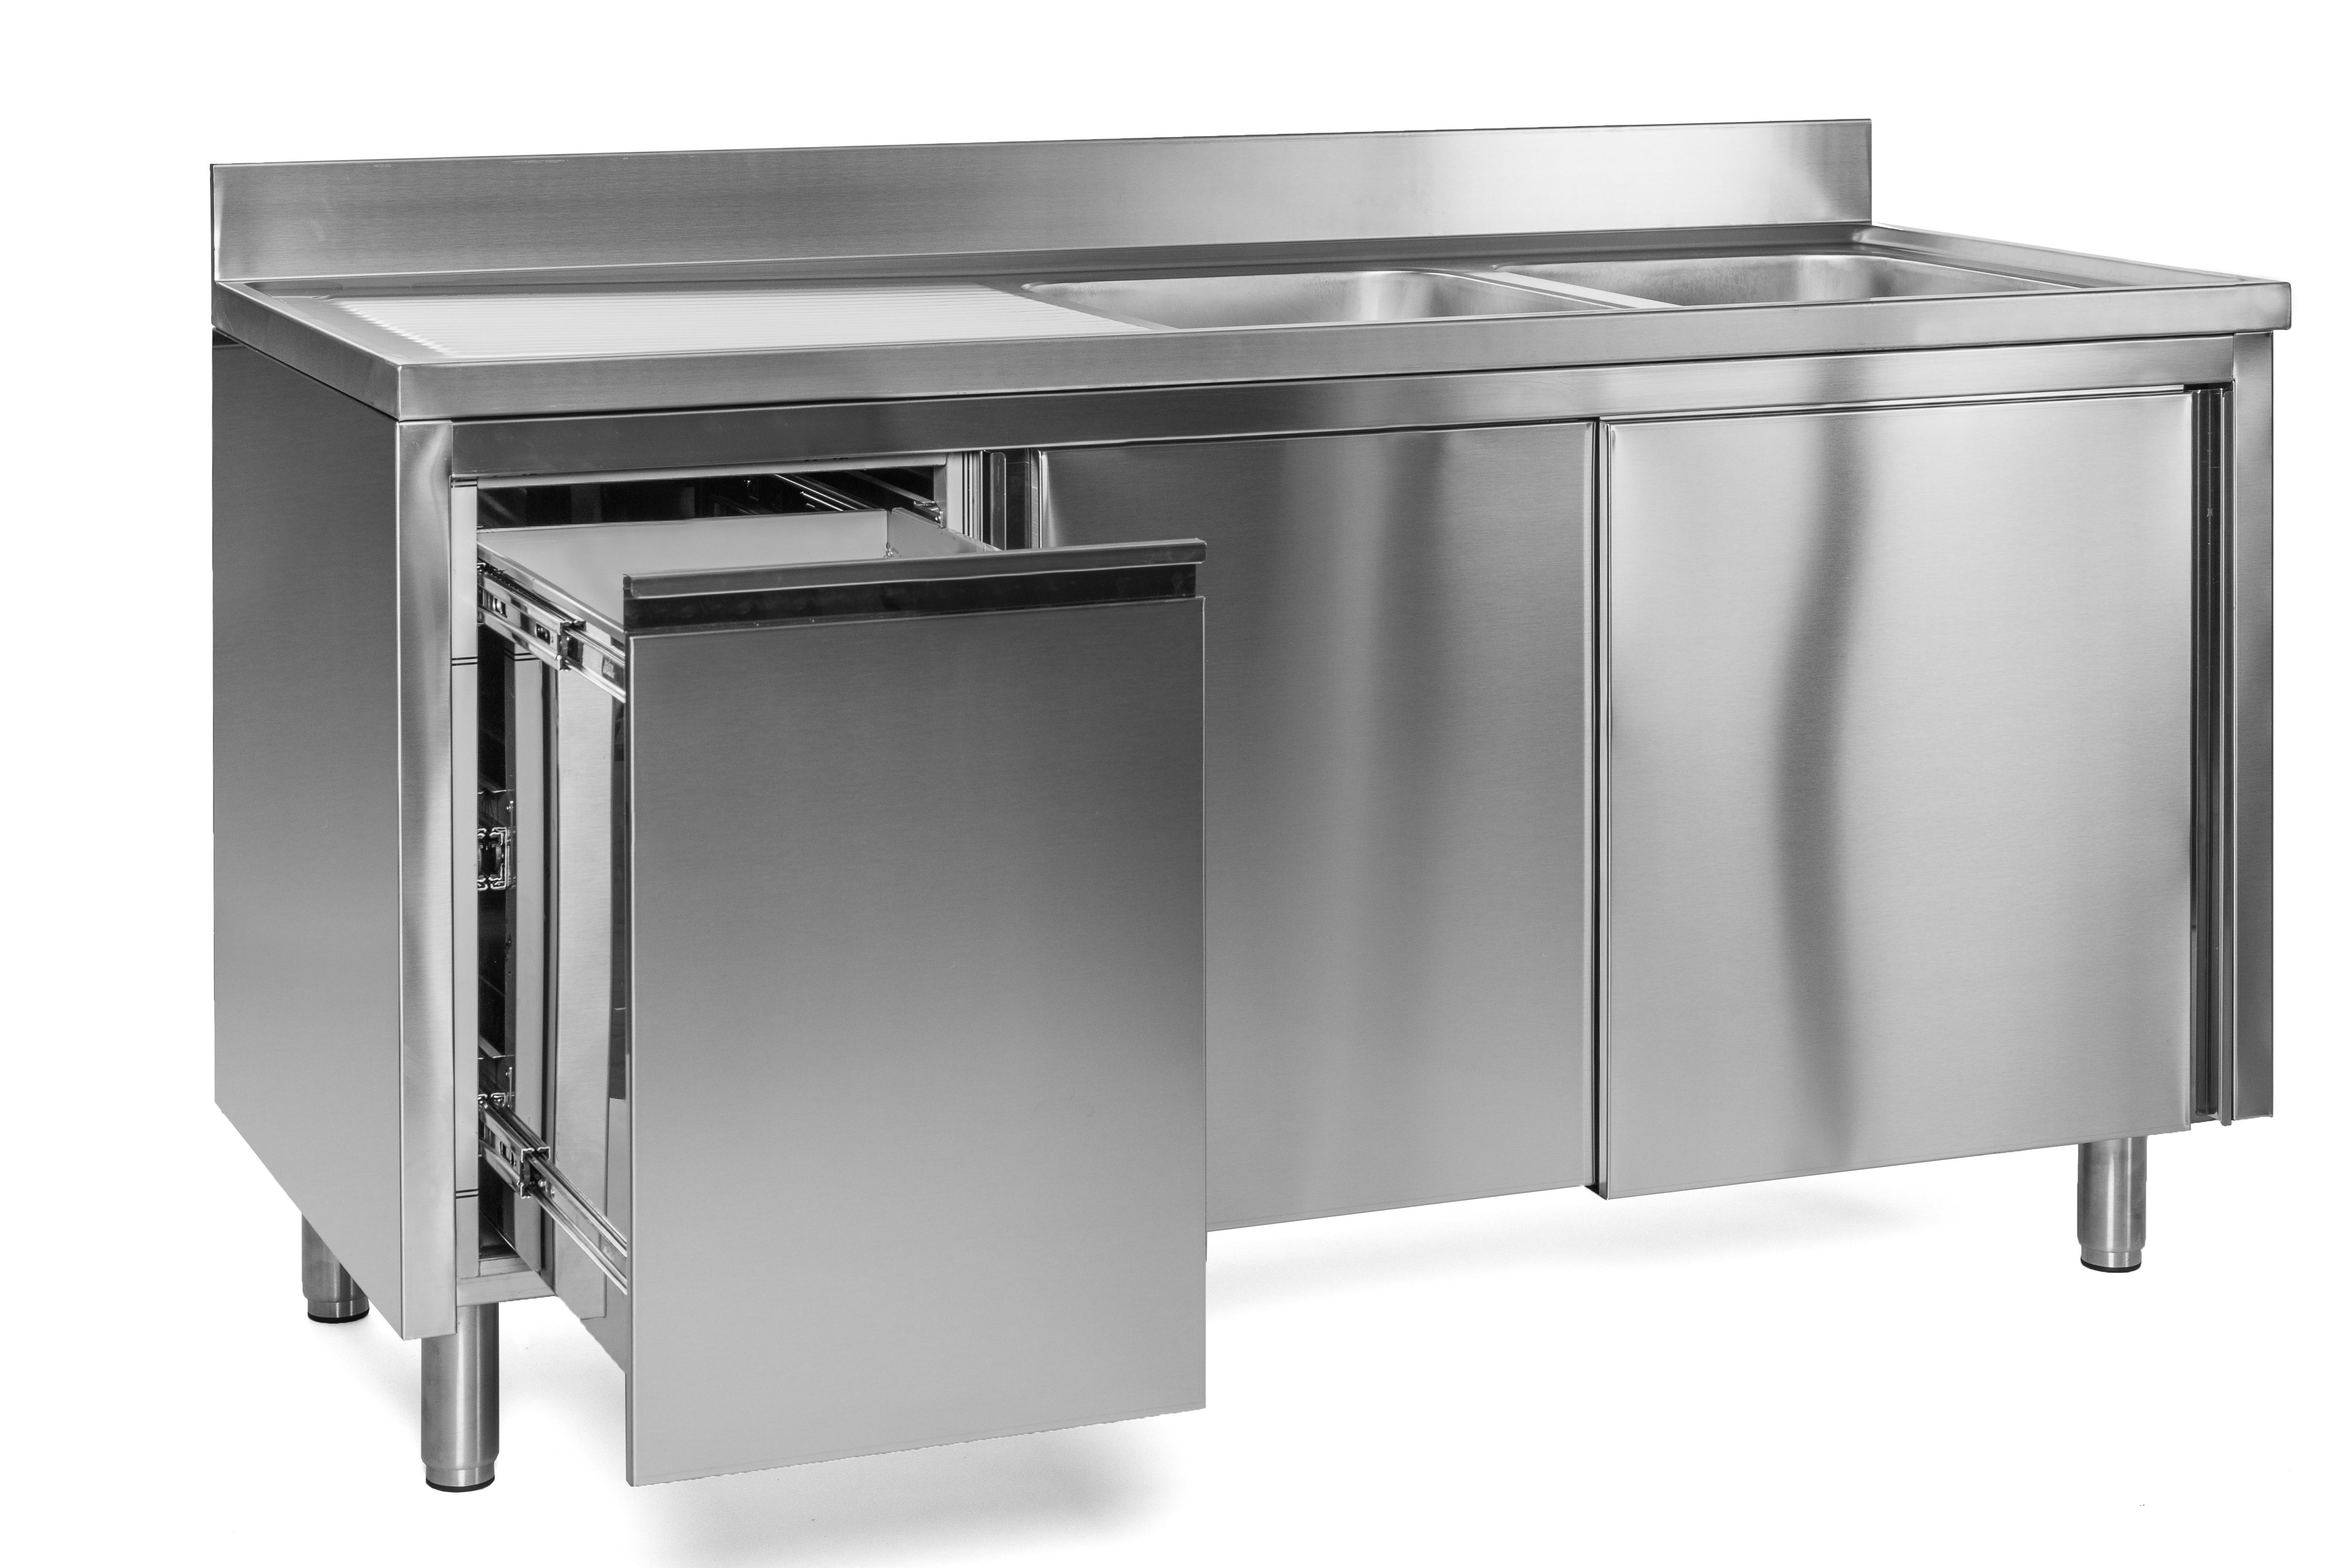 Unterkategorie - Spülschrank 2 Becken mit Abfallbehälter - 0,6 m